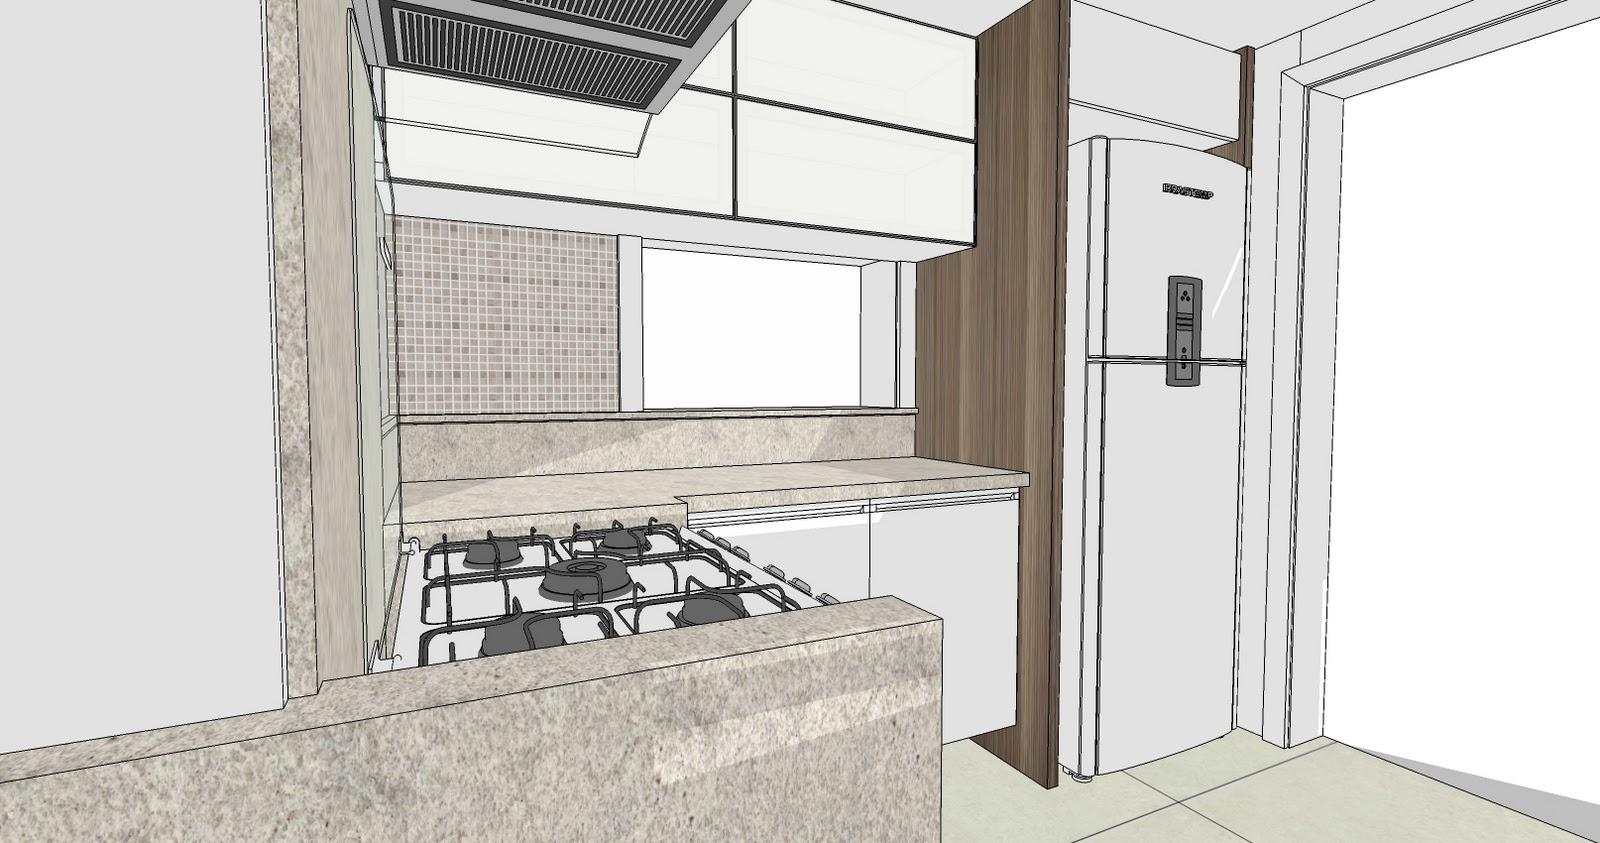 #5D4F42 arqpadao: Projetos Cozinha 1600x843 px Projetos Cozinha Lavanderia_5095 Imagens